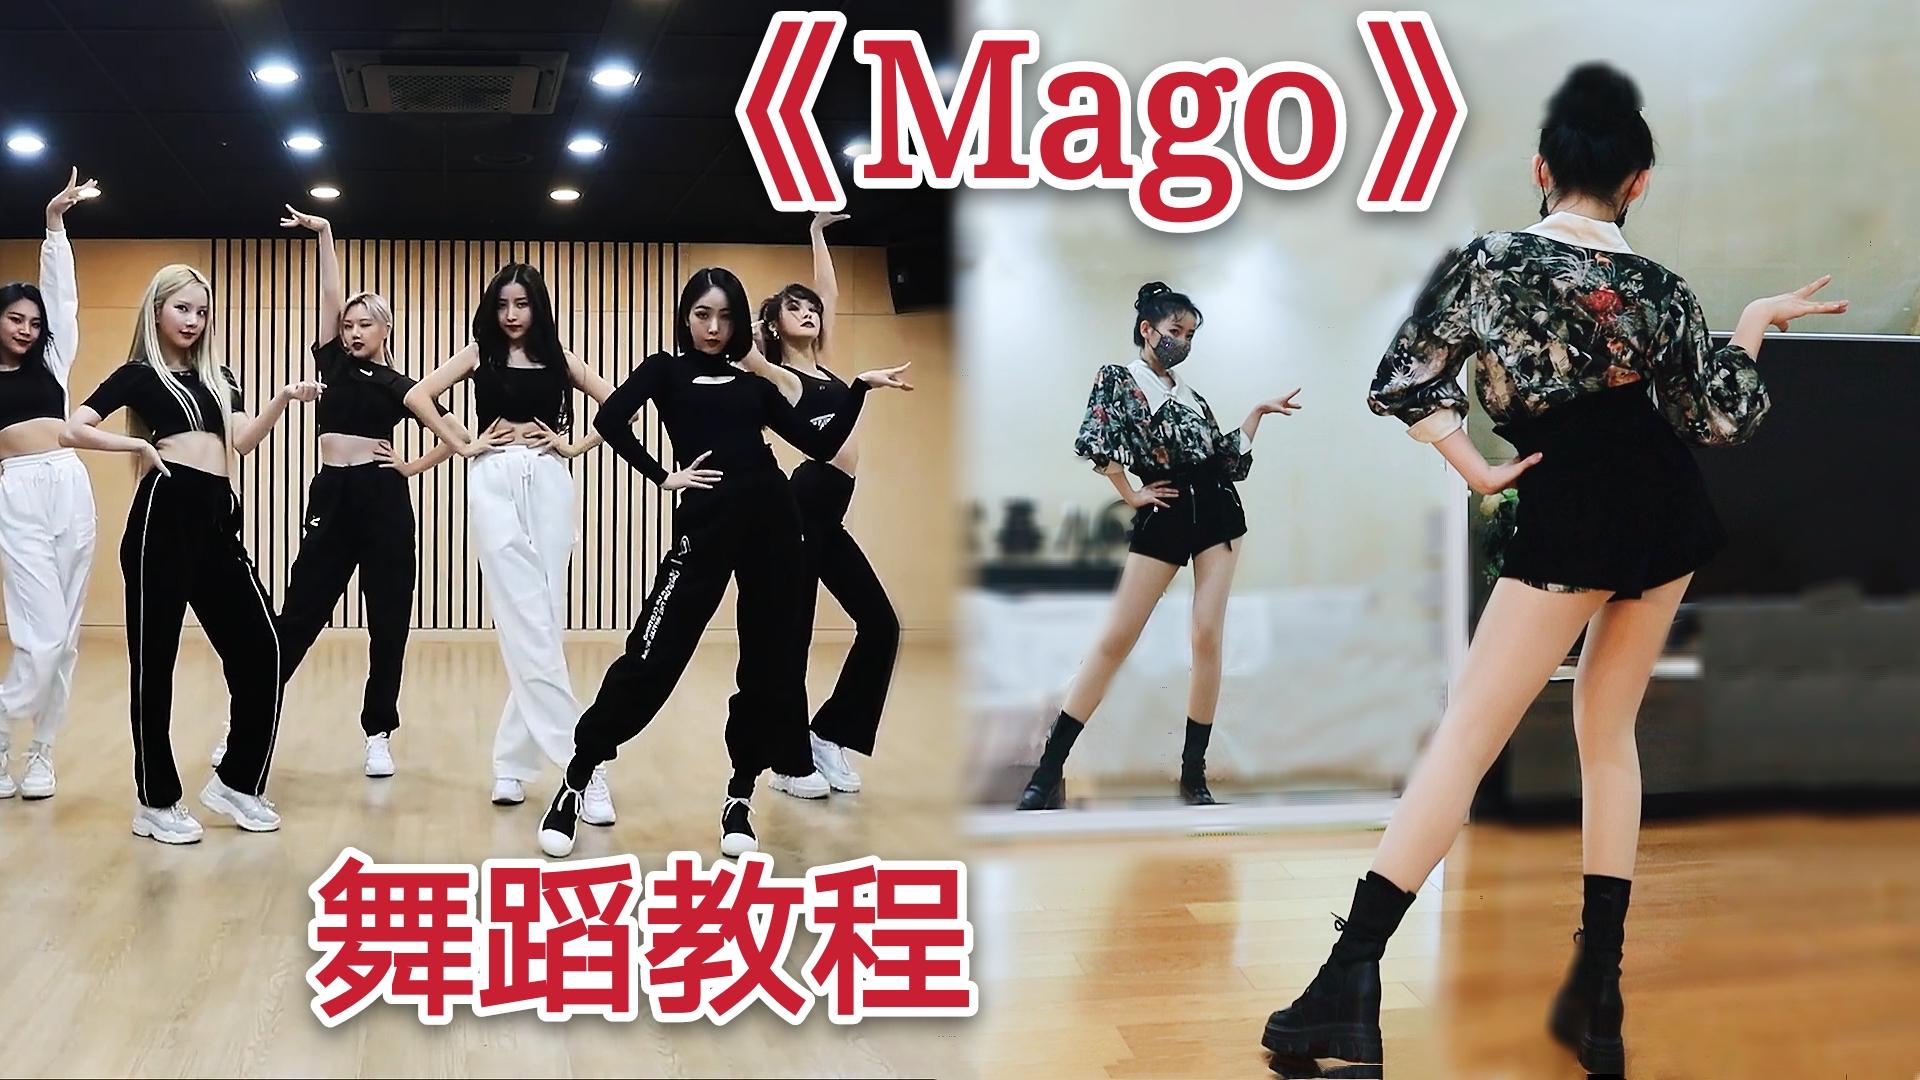 【紫嘉儿】一起摇花手!GFRIEND《MAGO》舞蹈动作分解教程✿镜面教学